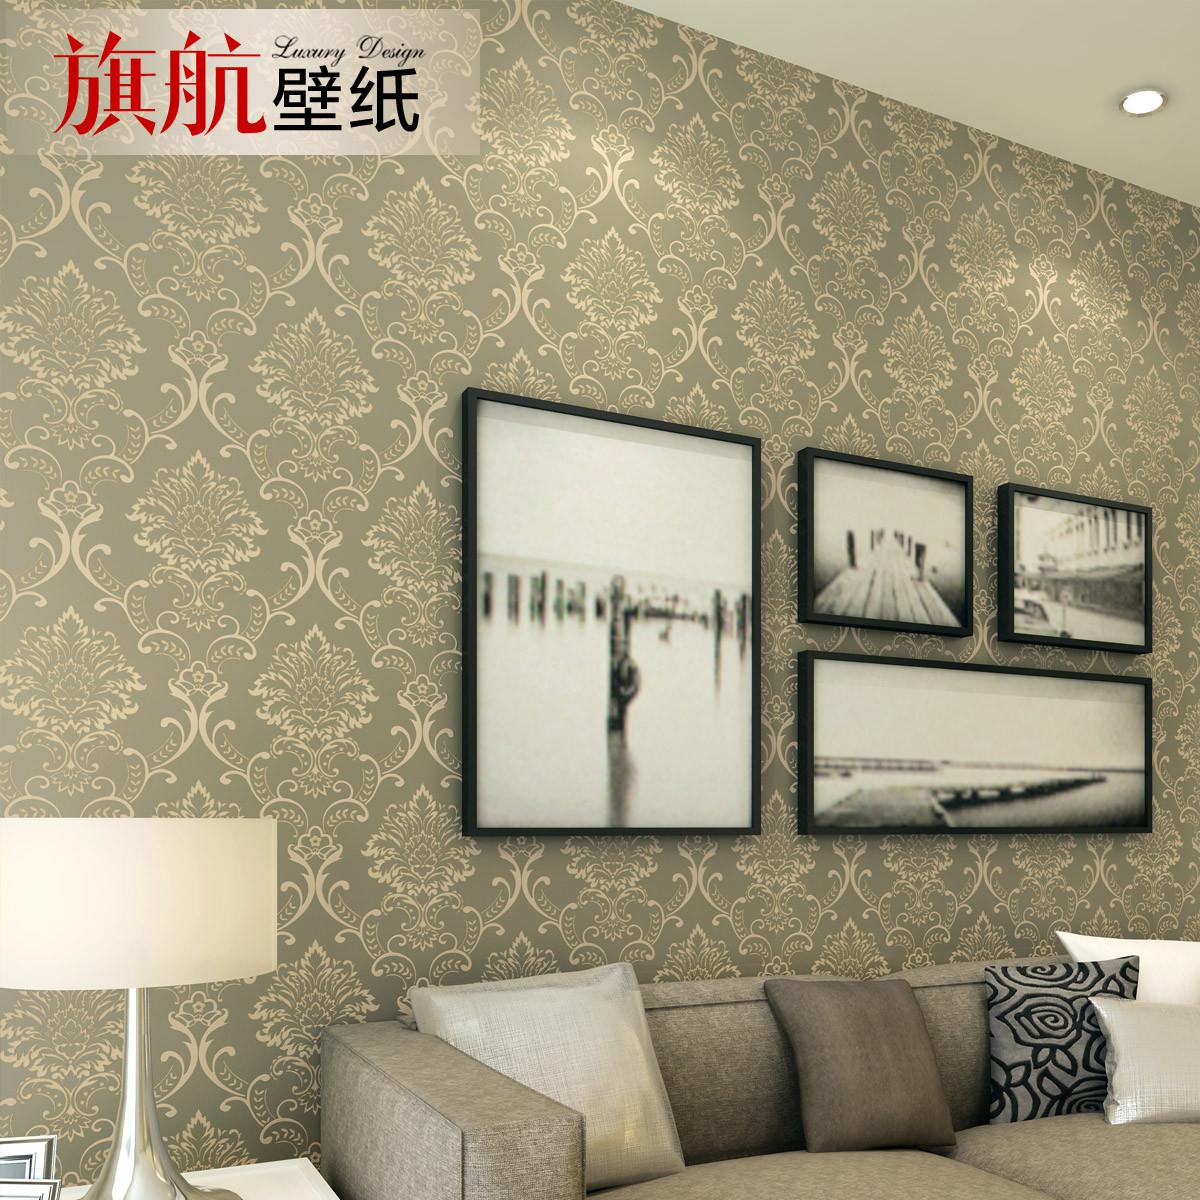 旗航壁纸压花有图案客厅卧室欧式-墙纸